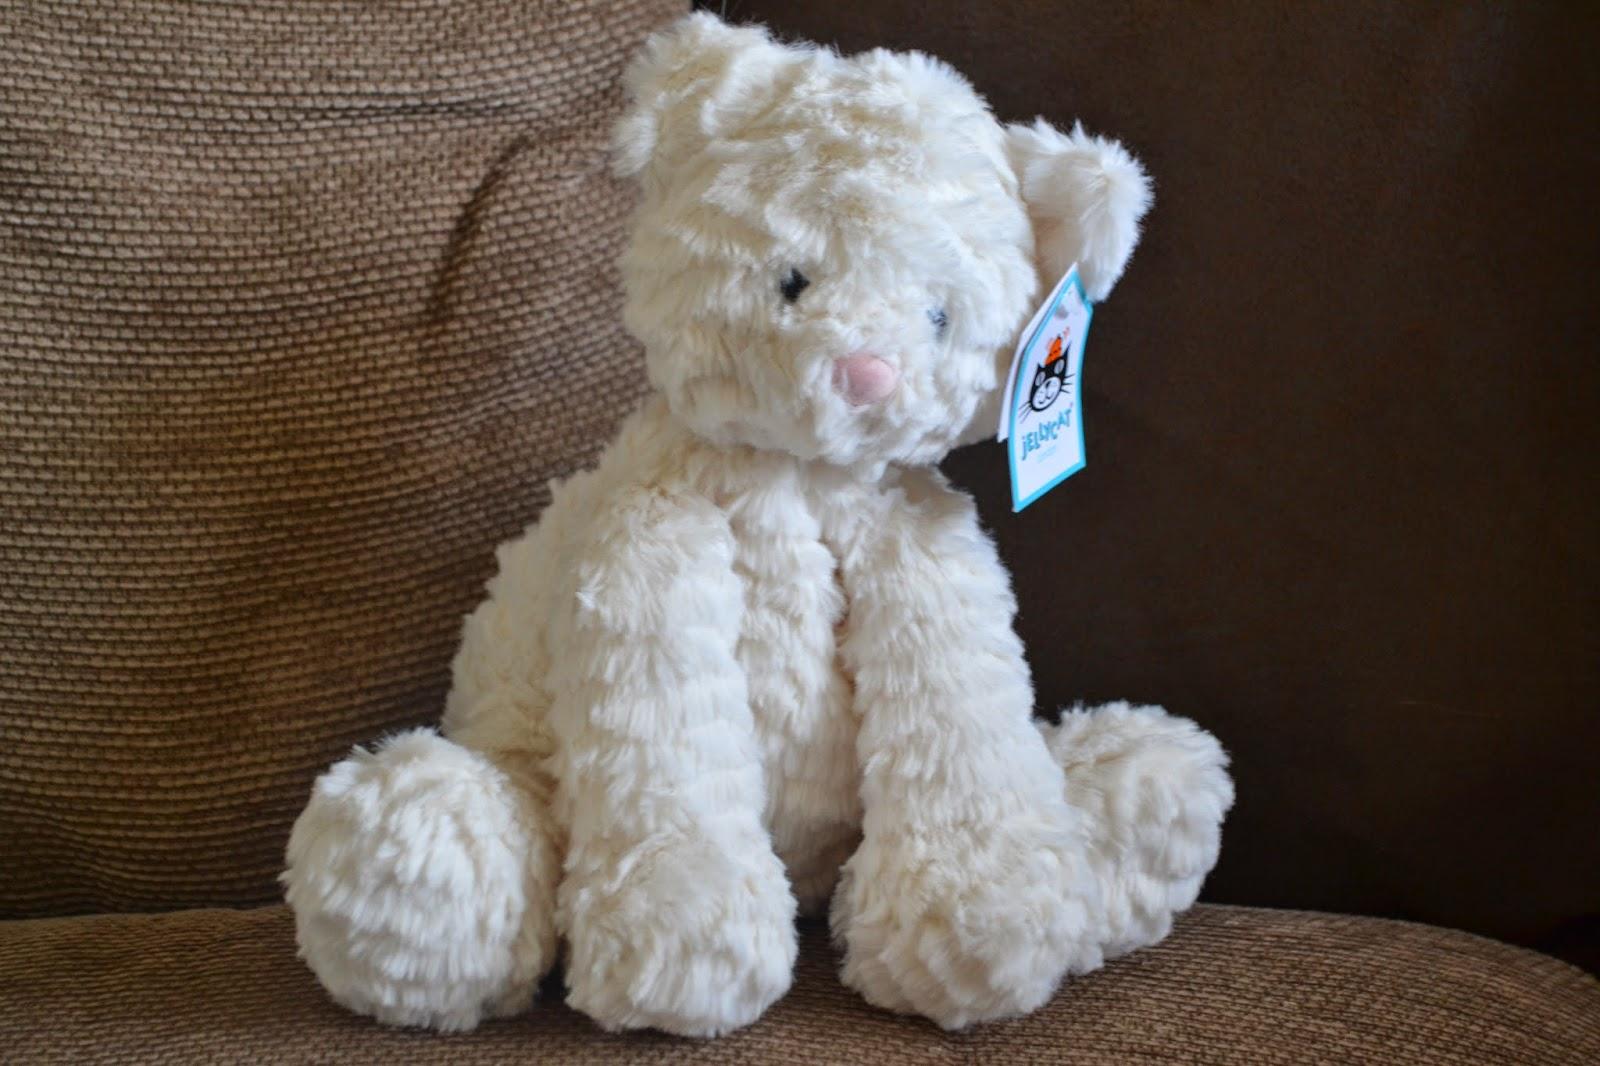 Teddy Bears - Make a Custom Teddy Bear - Build-A-Bear